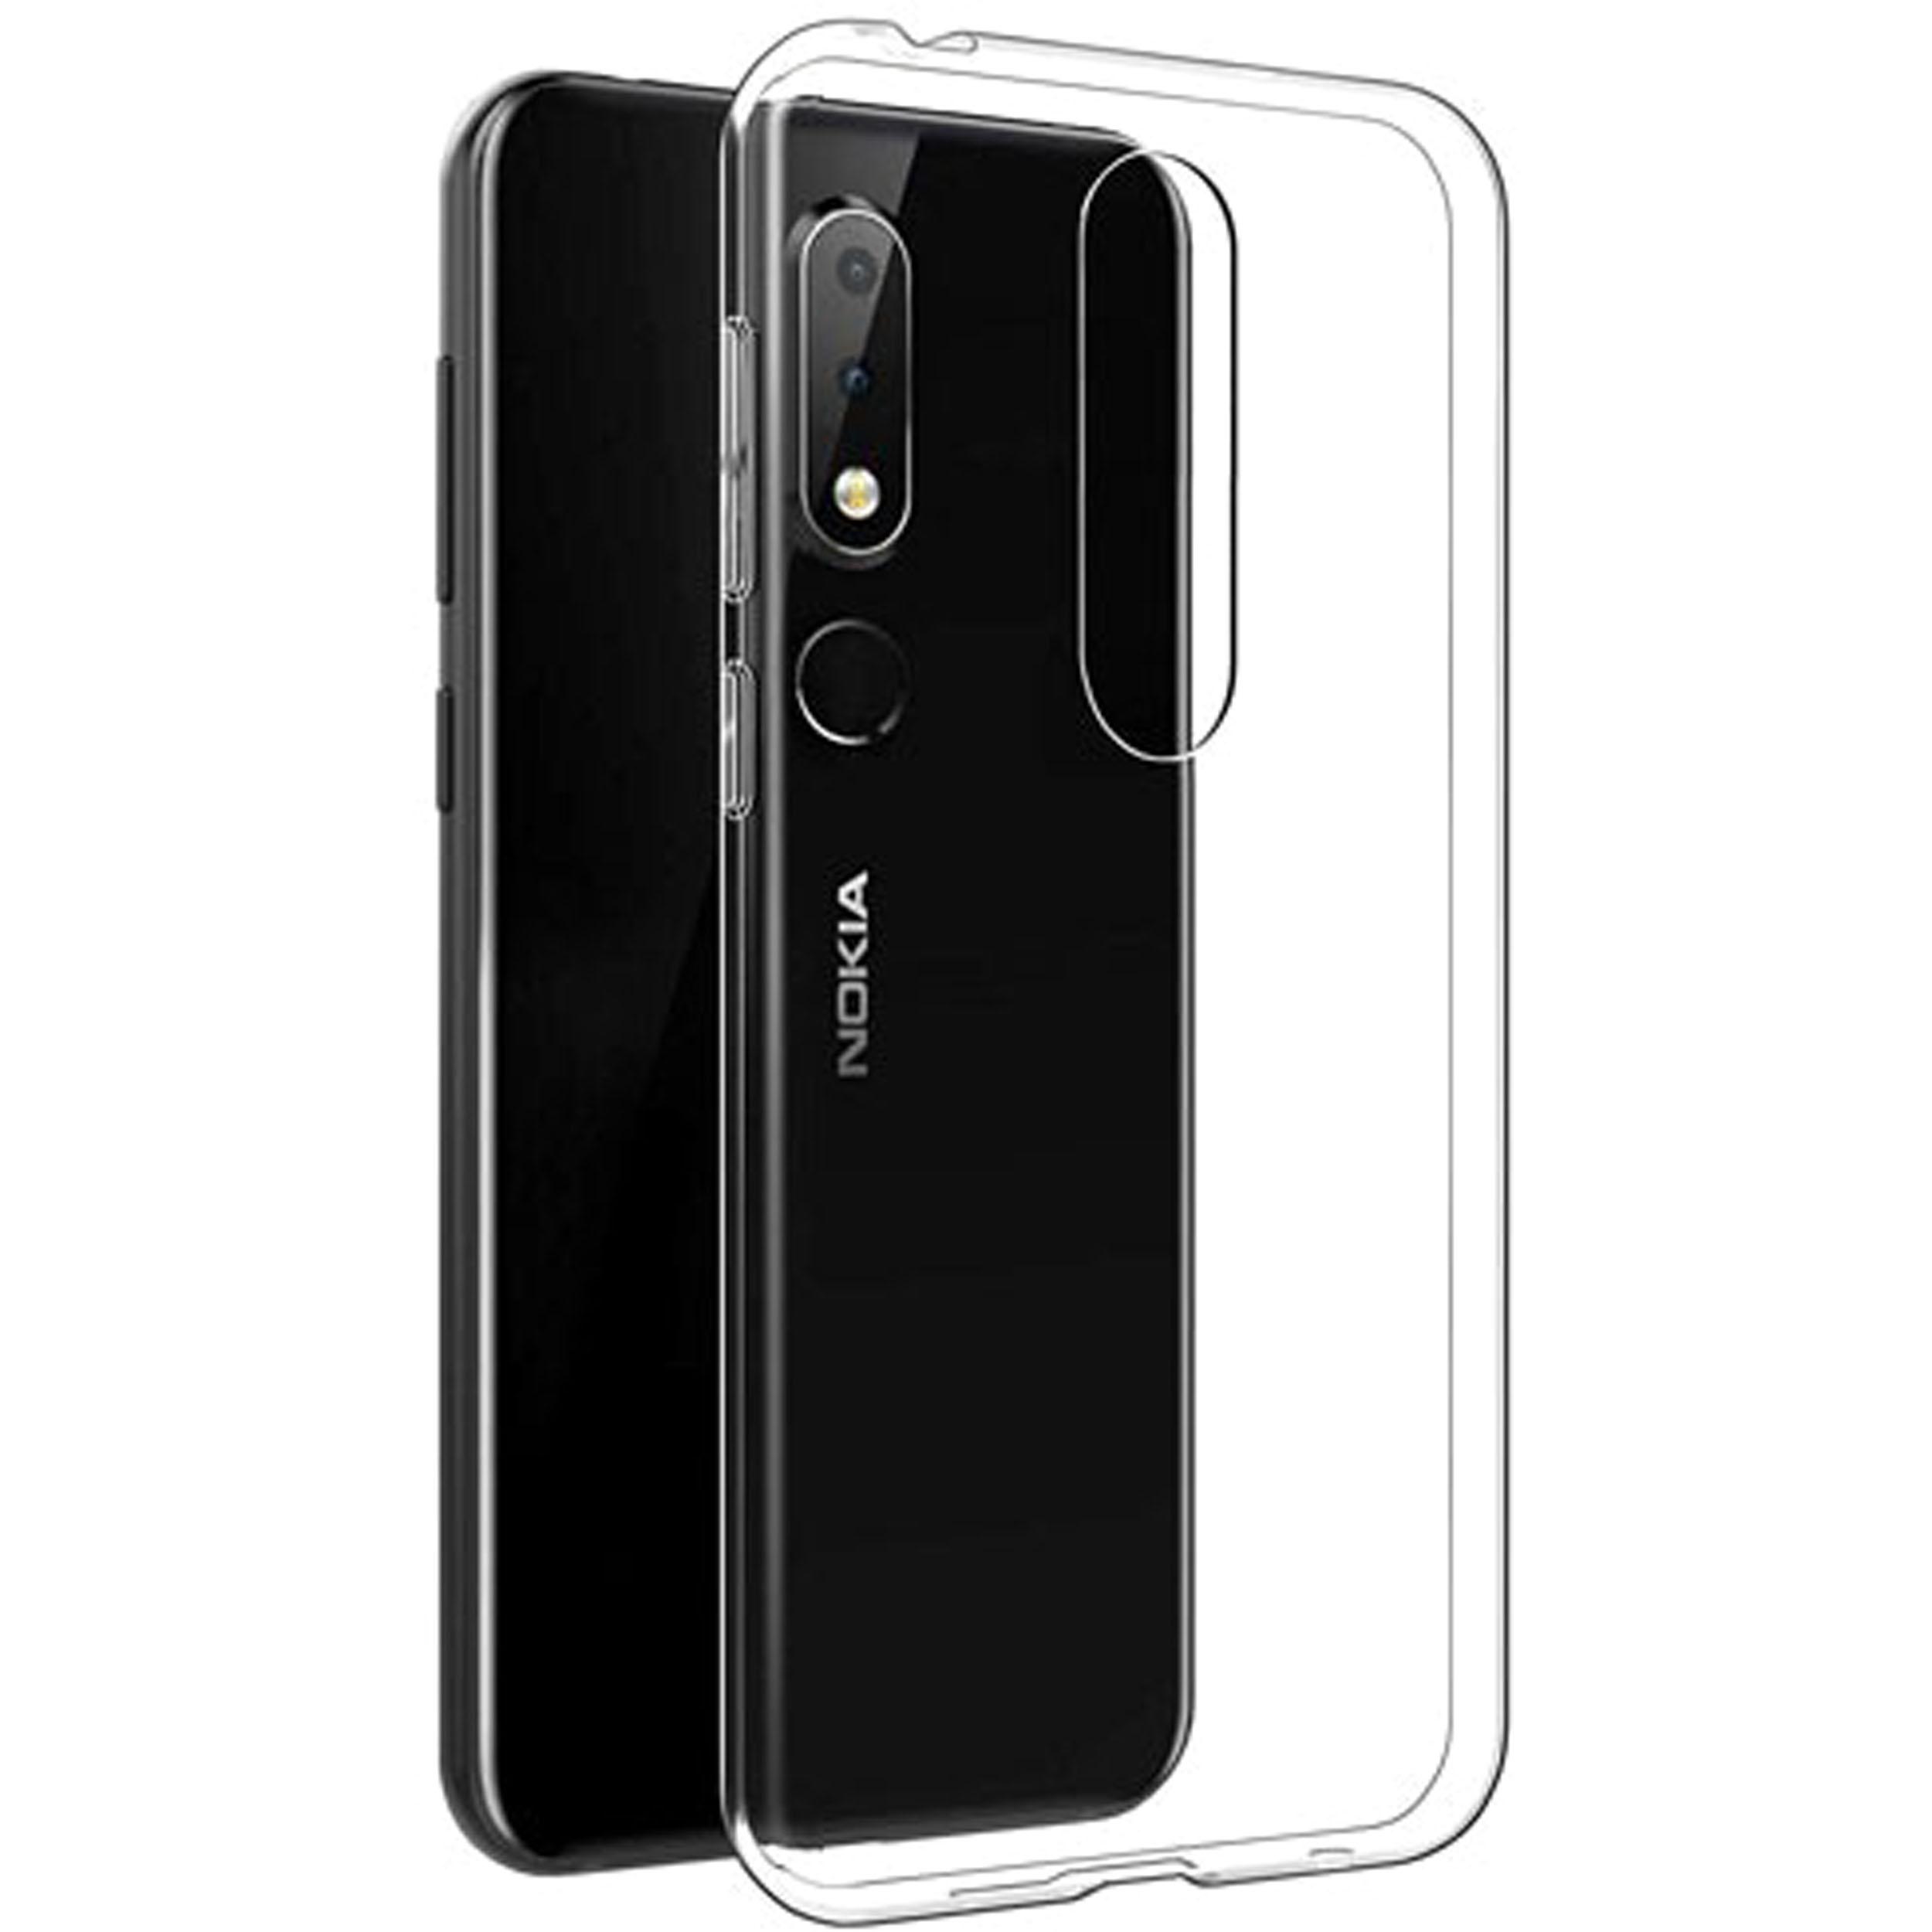 کاور سون استار مدل St055 مناسب برای گوشی موبایل نوکیا 6.1